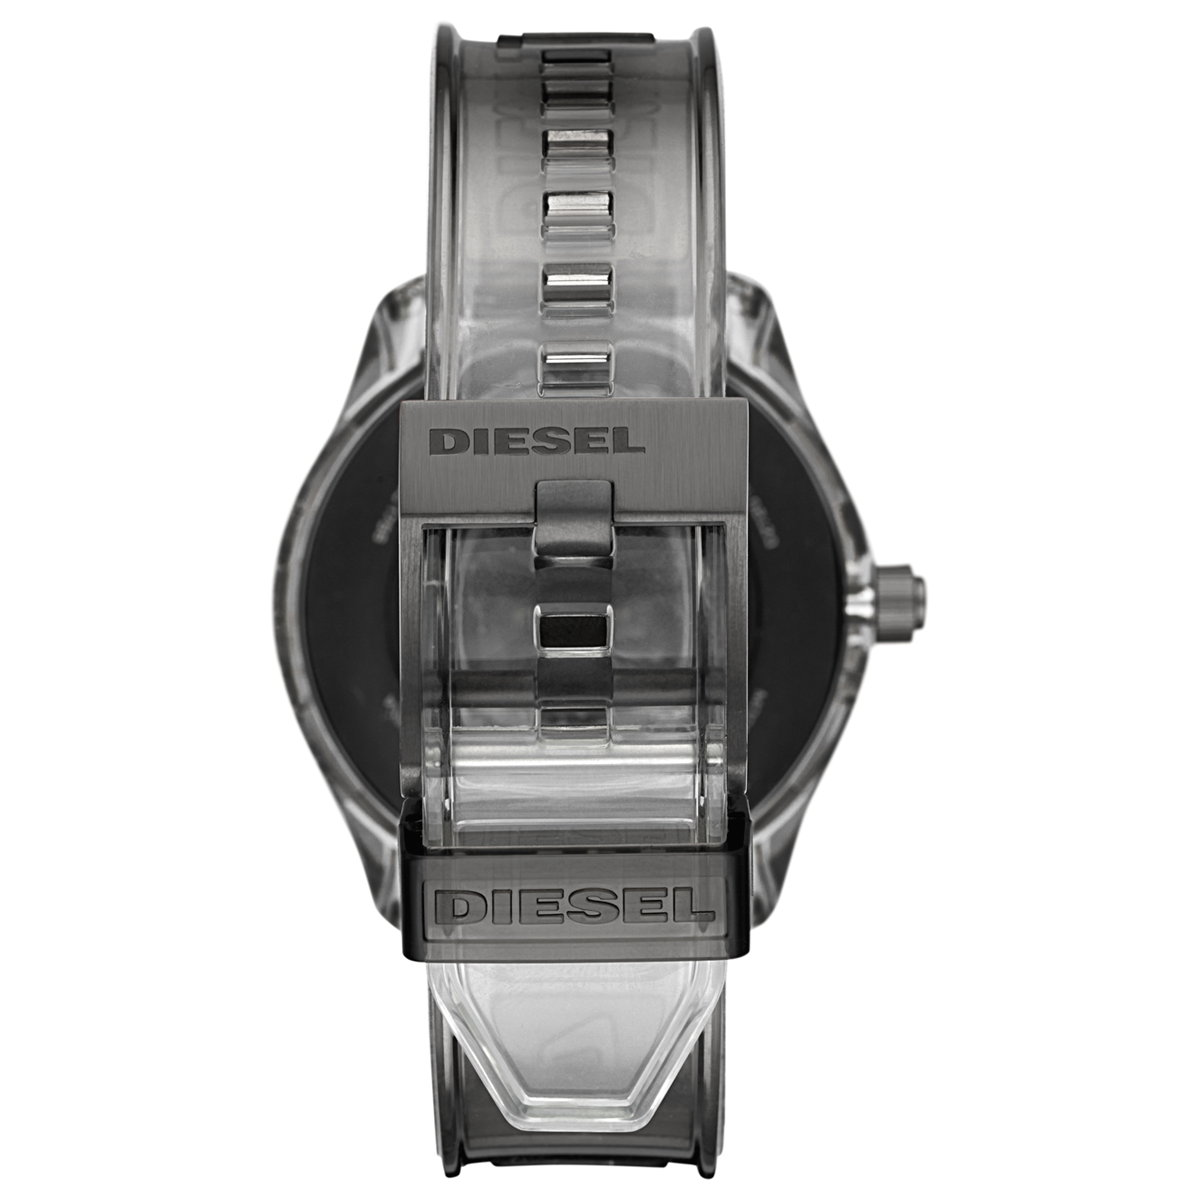 ディーゼル DIESEL ON スマートウォッチ ウェアラブル 腕時計 メンズ FADELITE DZT2018